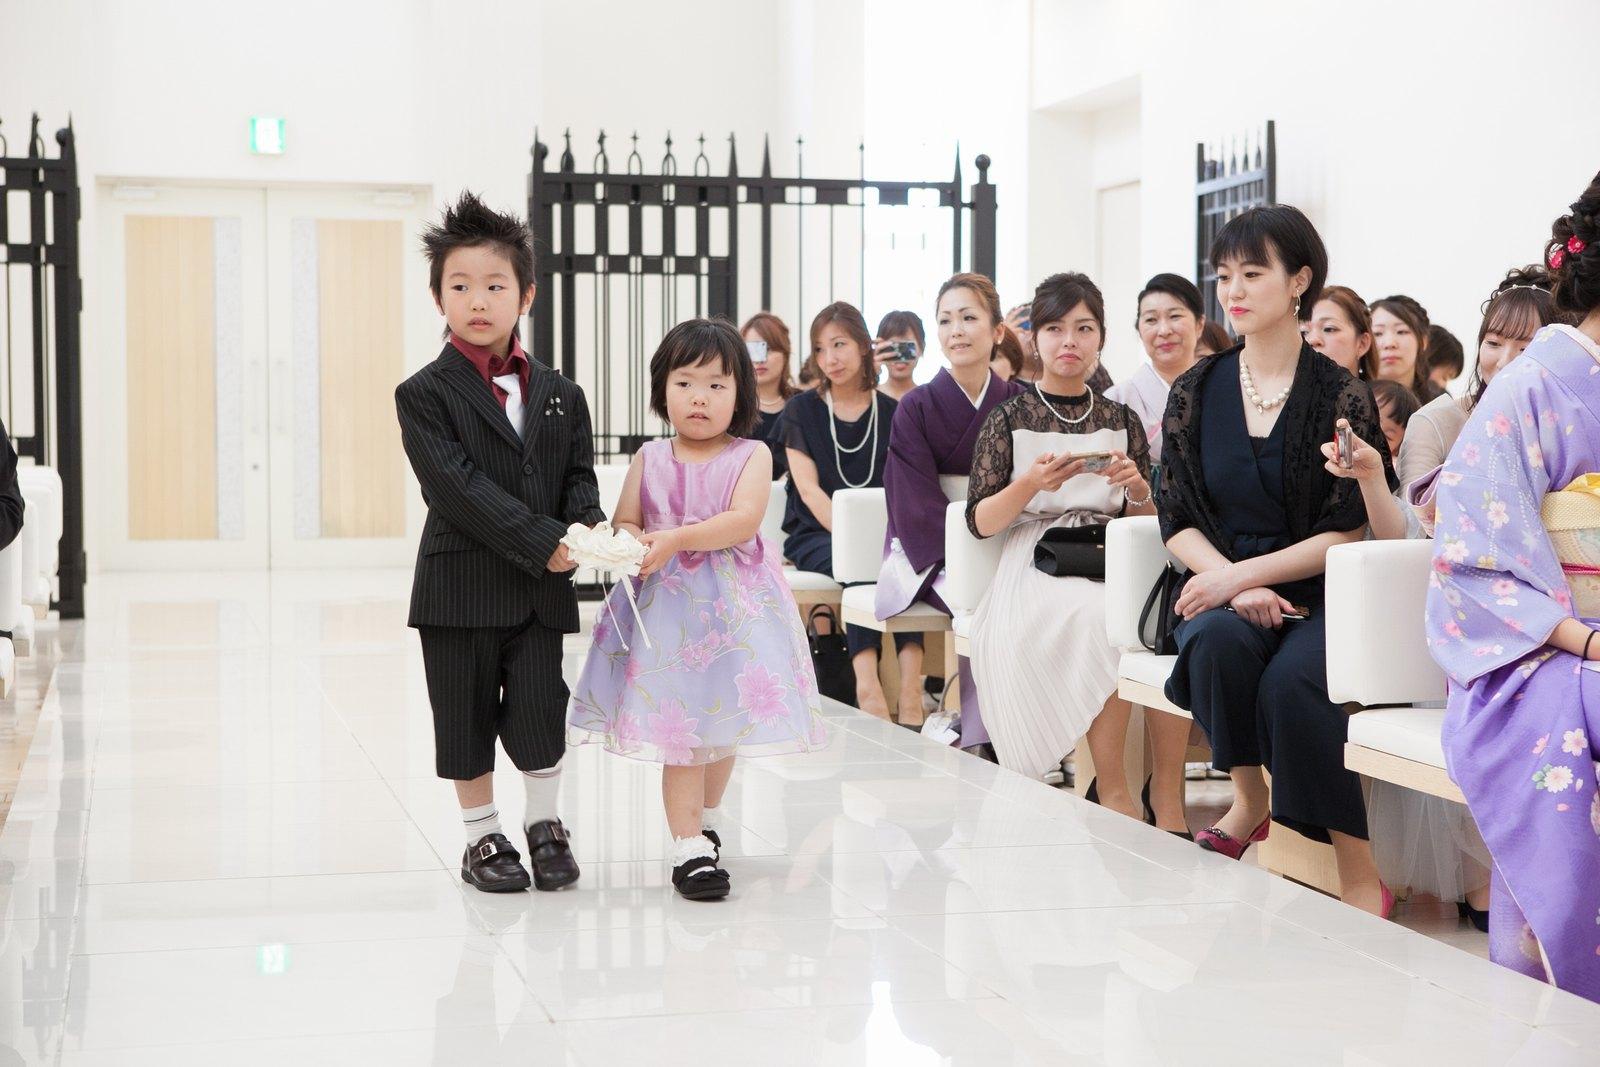 徳島市の結婚式場ブランアンジュでチャペル内でのアットホームなリングリレー